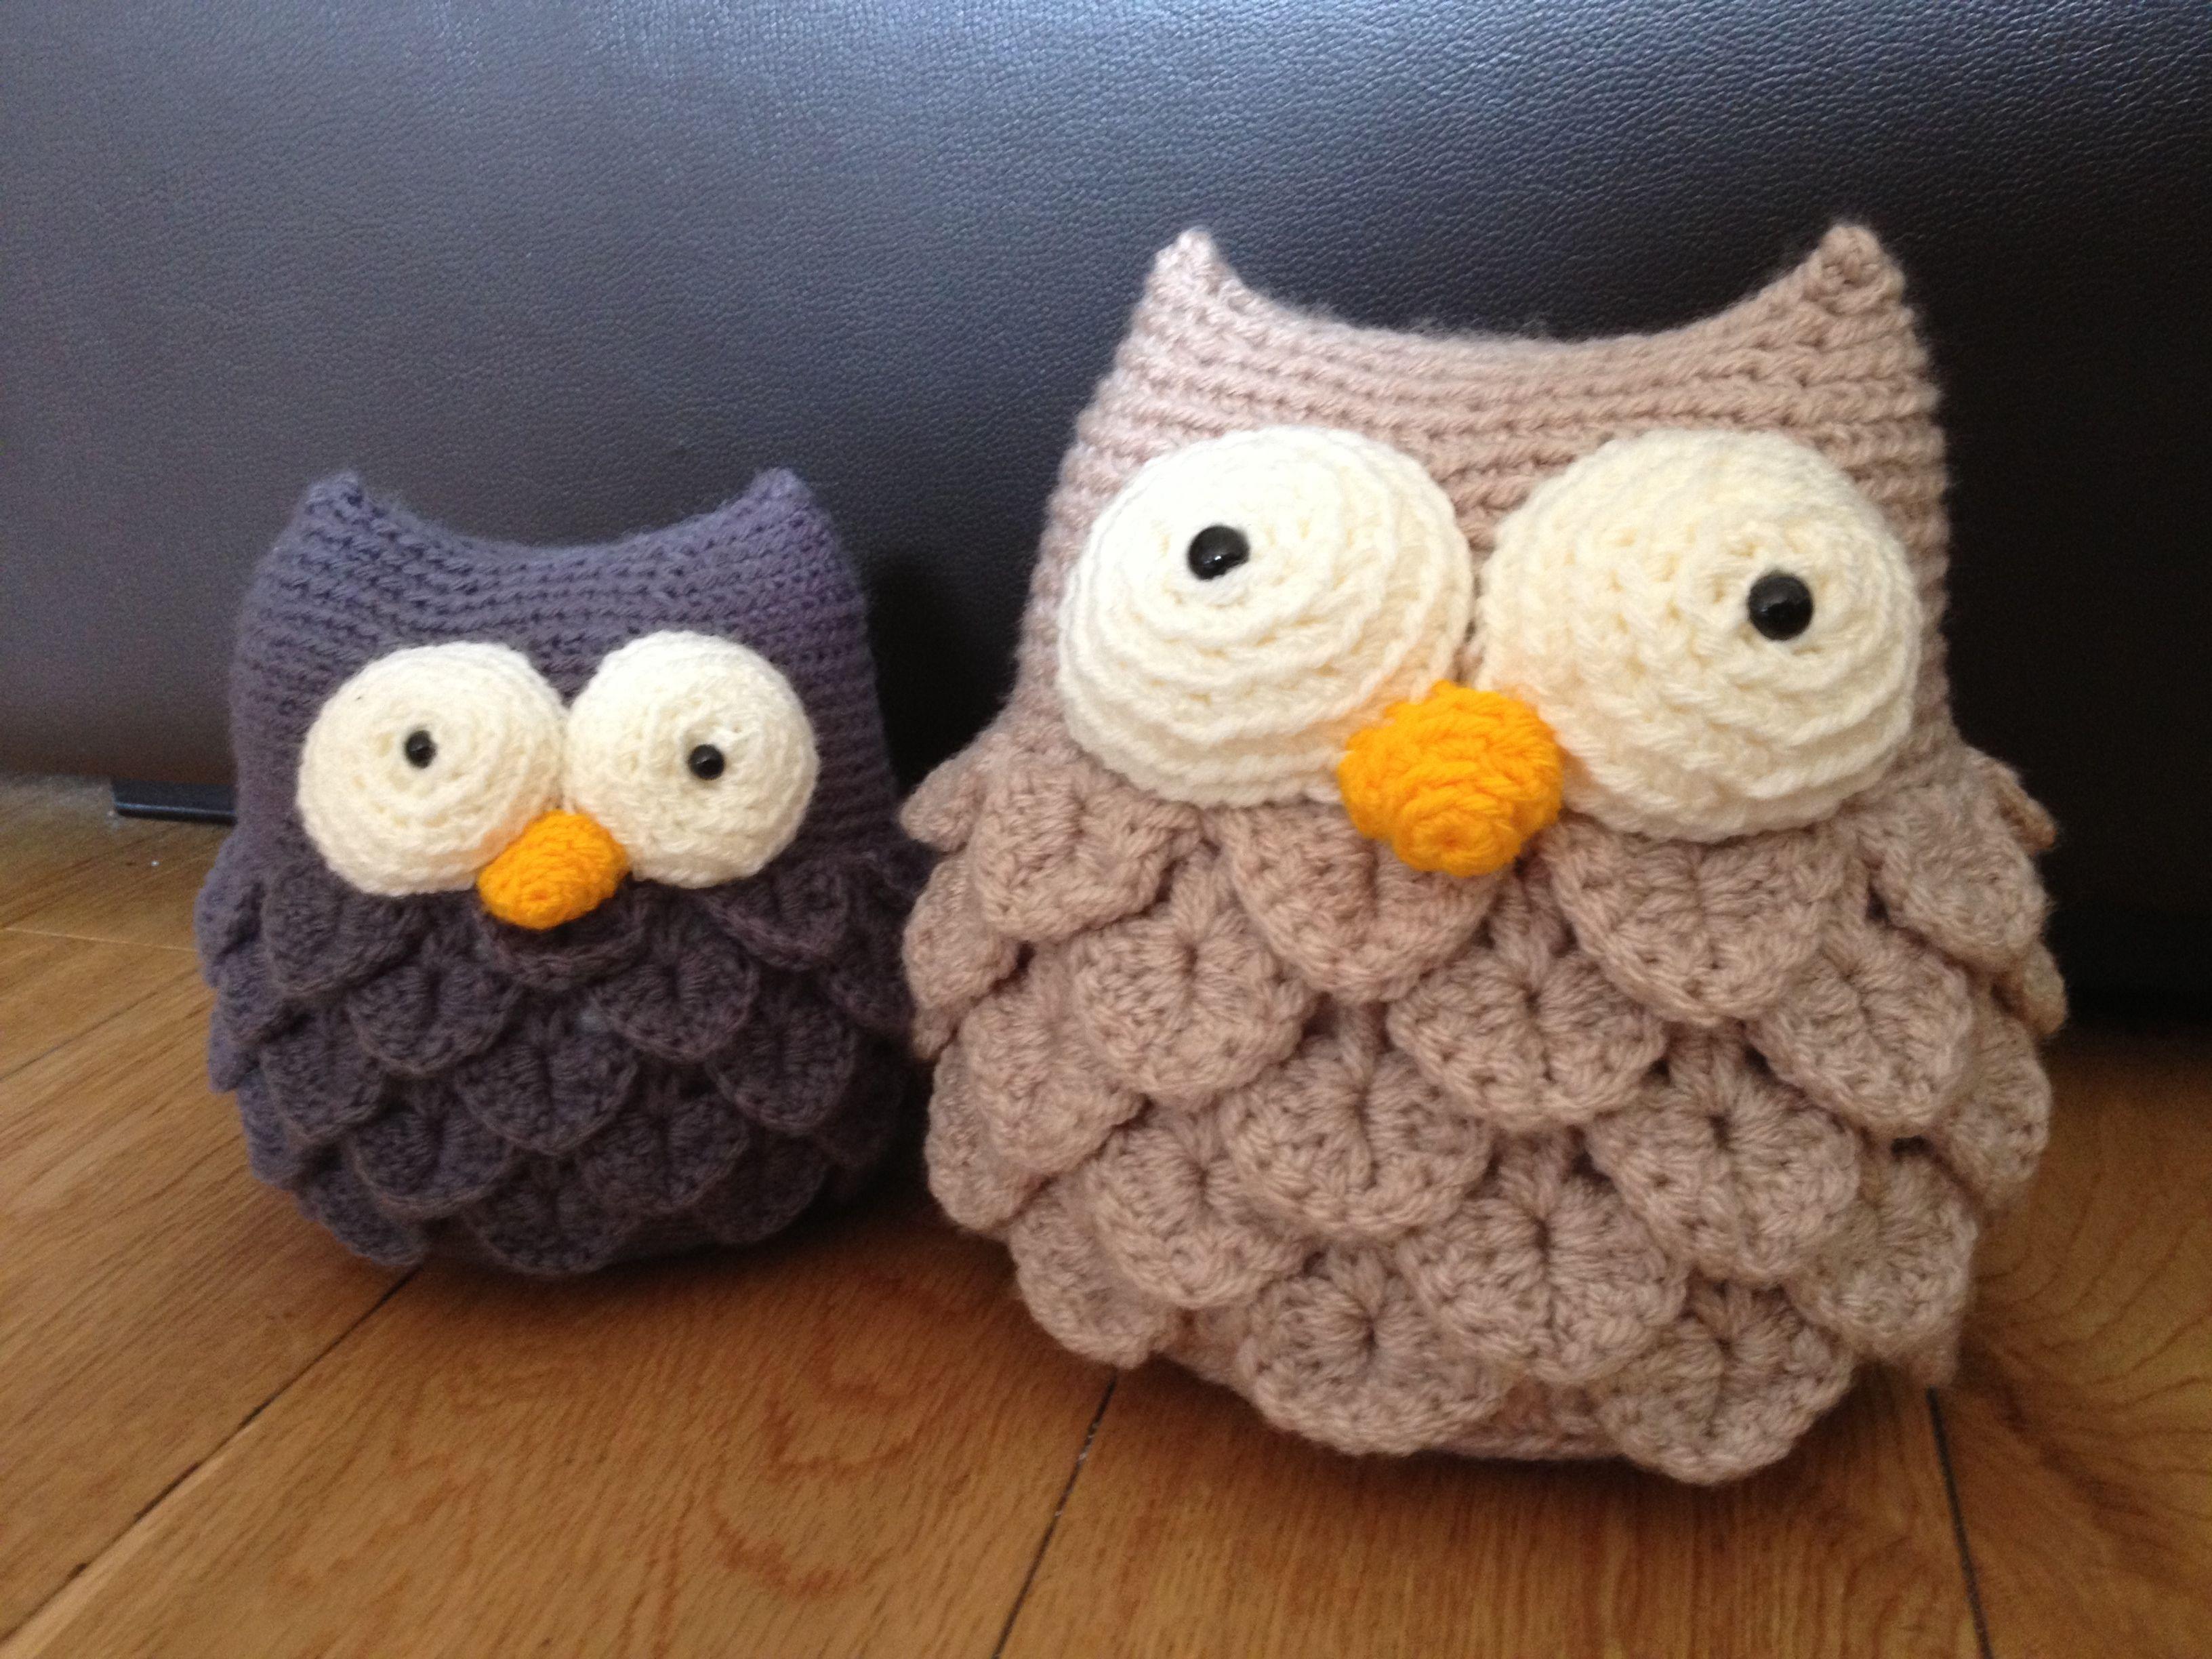 Free Crochet Cat Doorstop Patterns : Owl doorstops deurstoppers Pinterest Doorstop ...